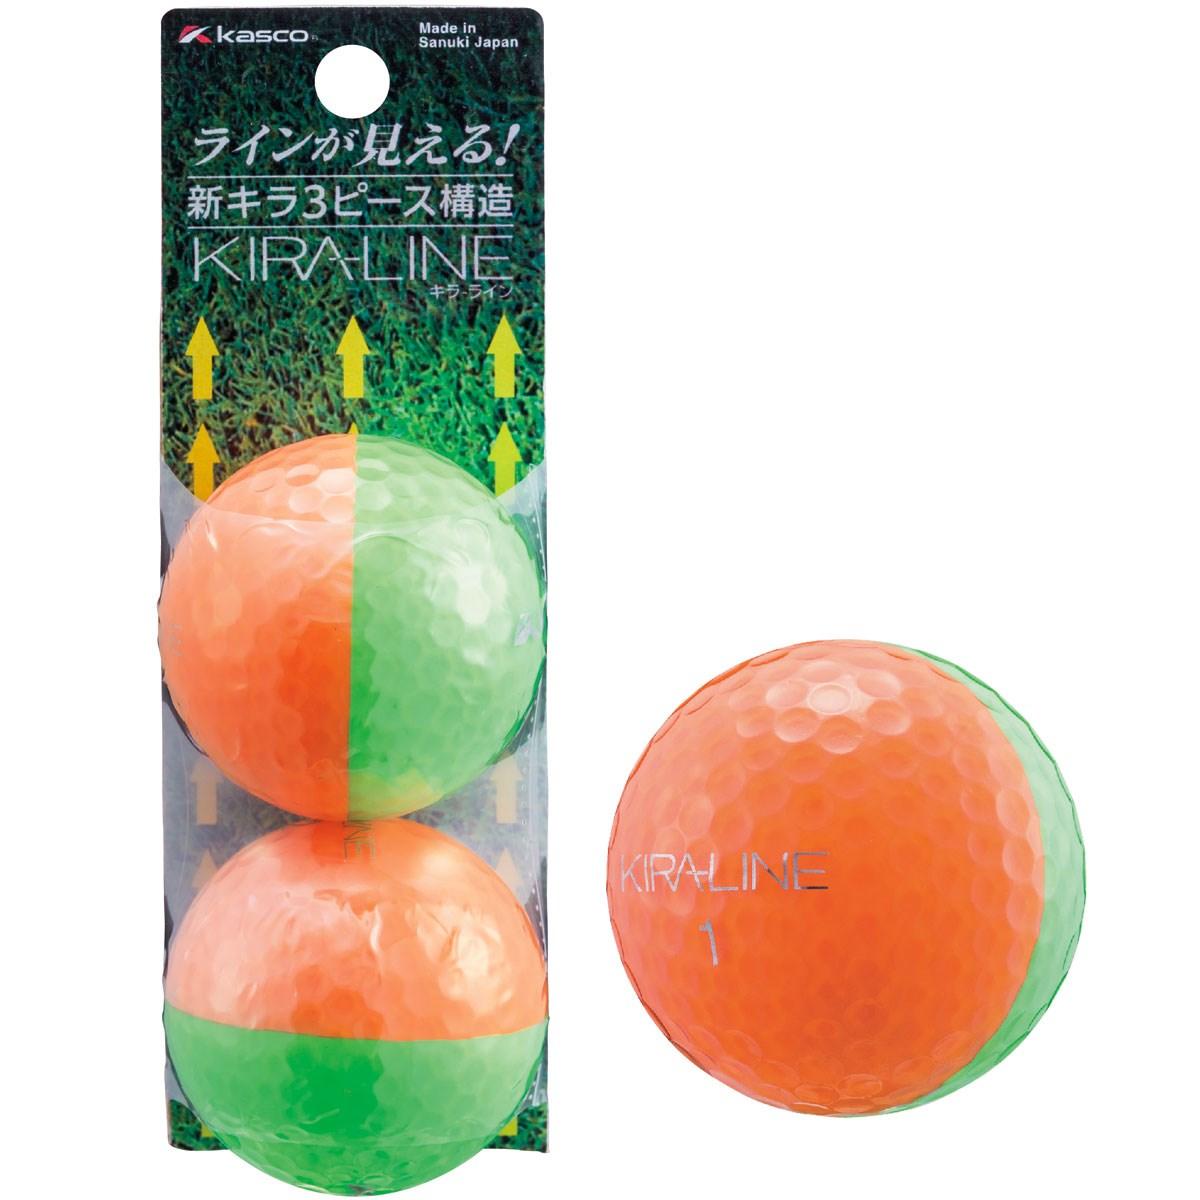 キャスコ(KASCO) KIRA LINE ボール 2球パック